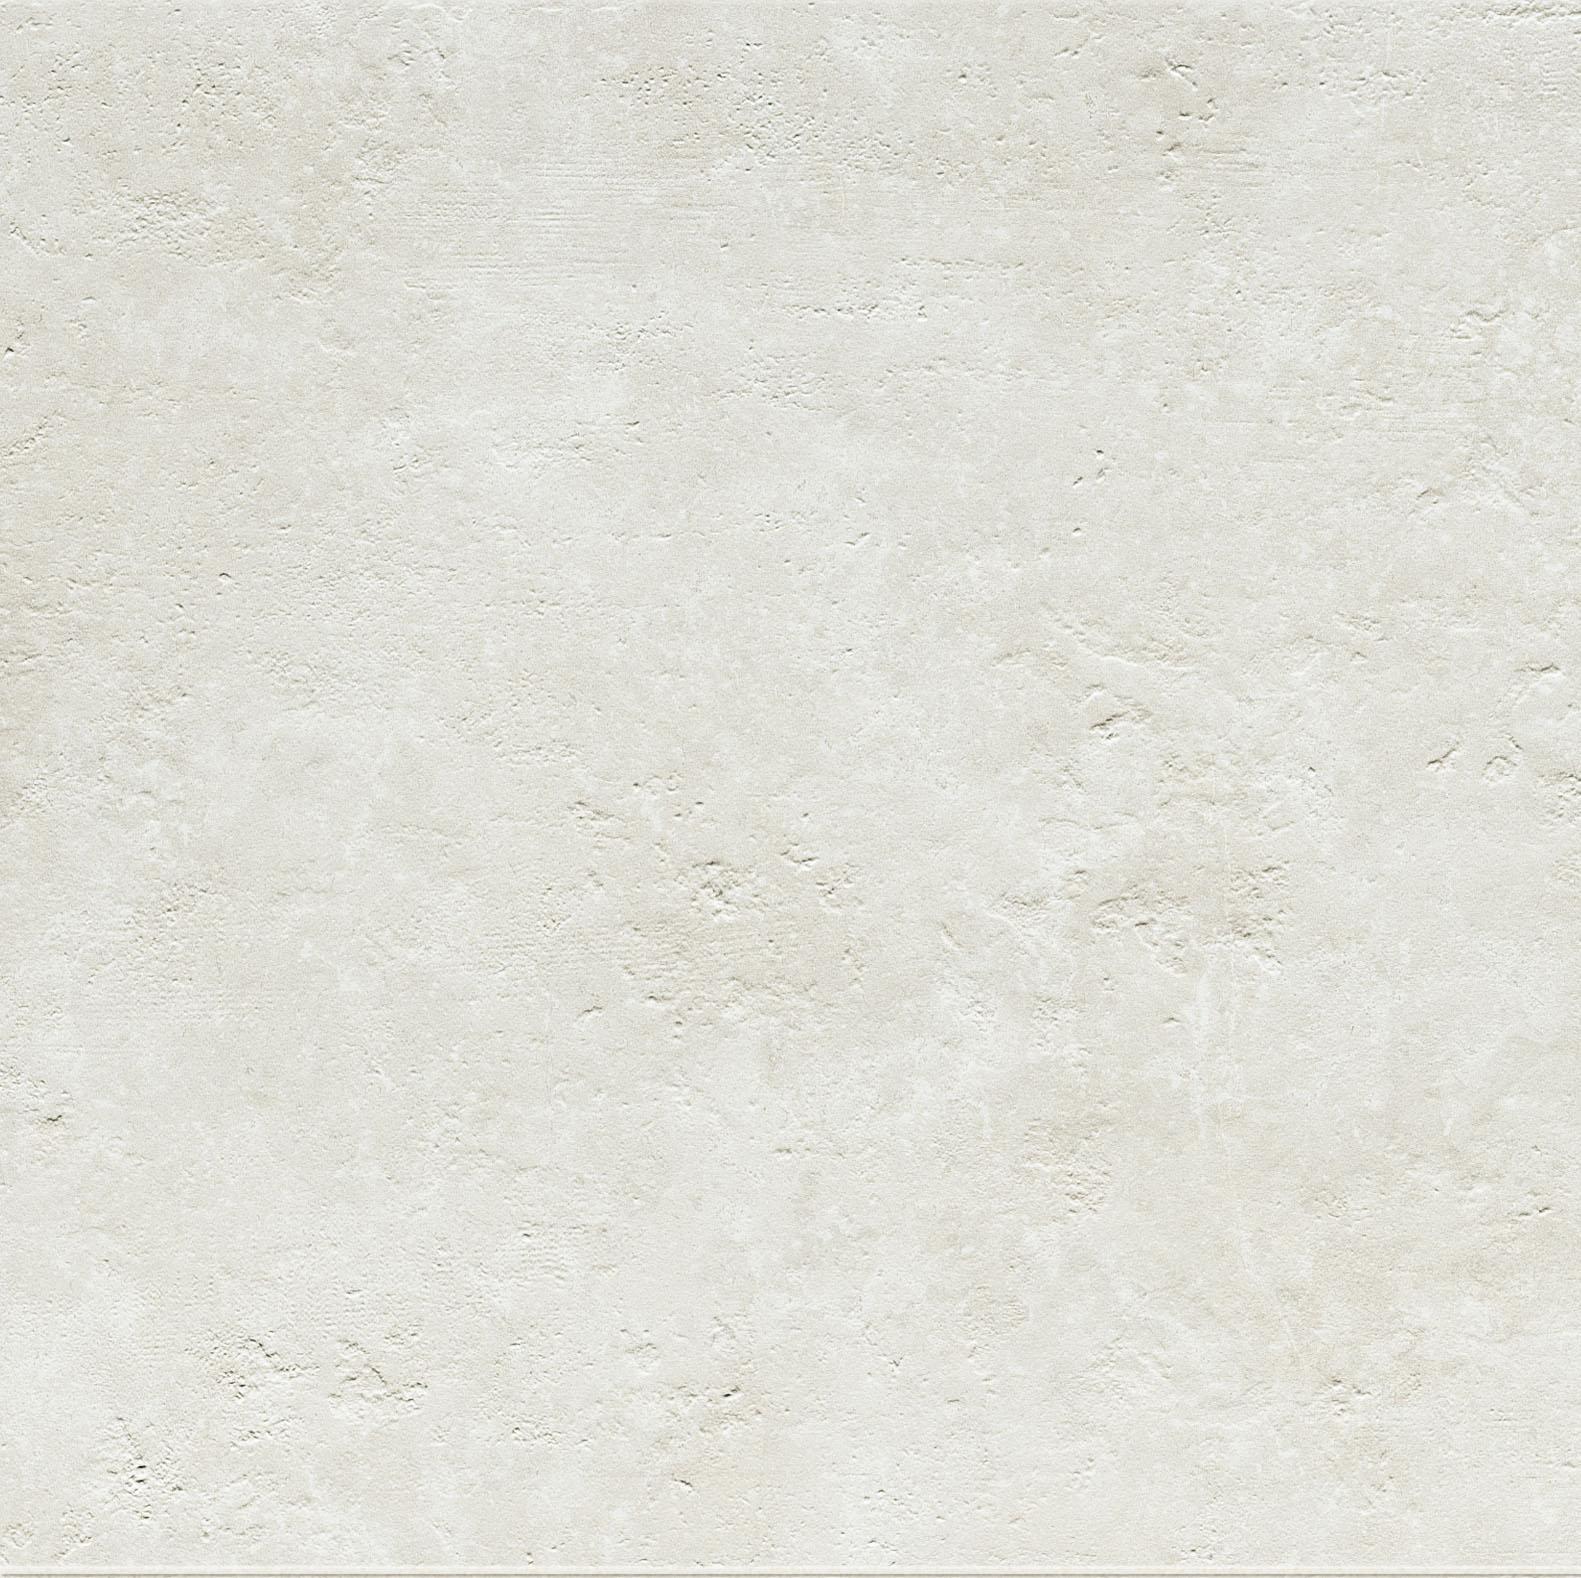 Pietre/3 Limestone White Matte 10mm 60 x 60